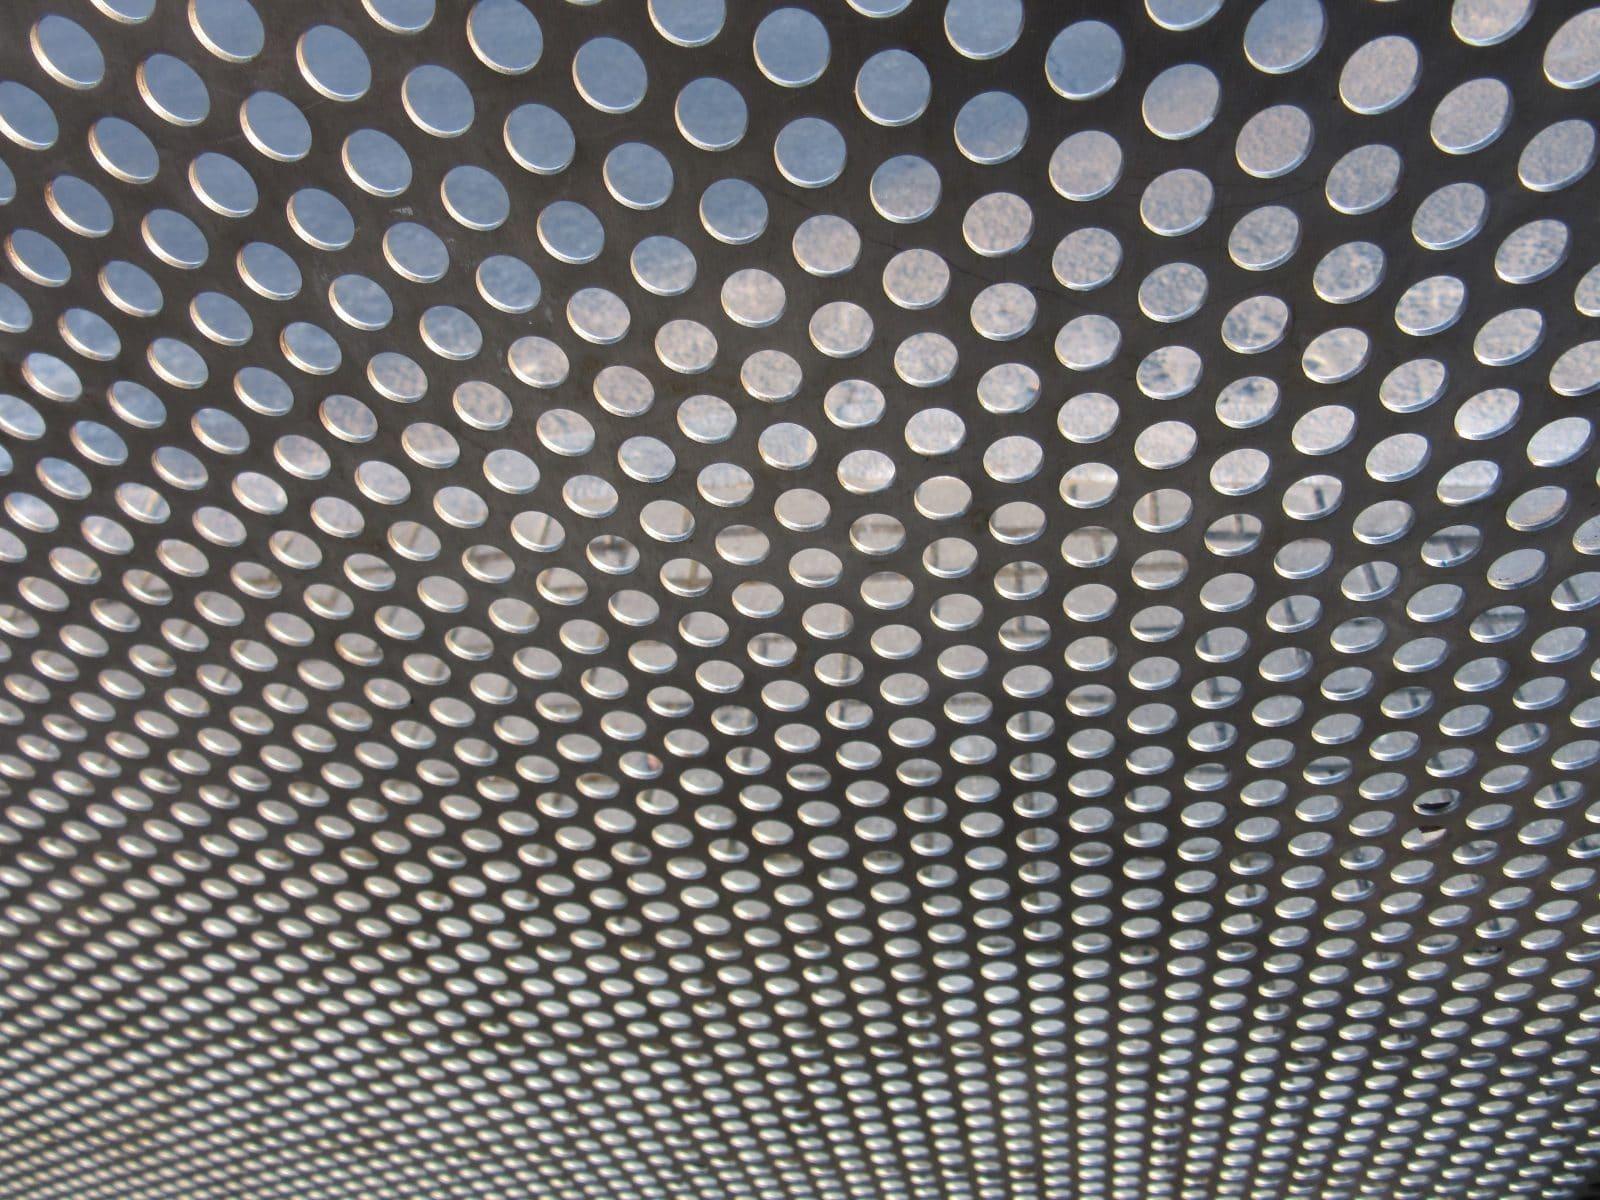 michigan metal perforator, branko perforating, michigan perforating company